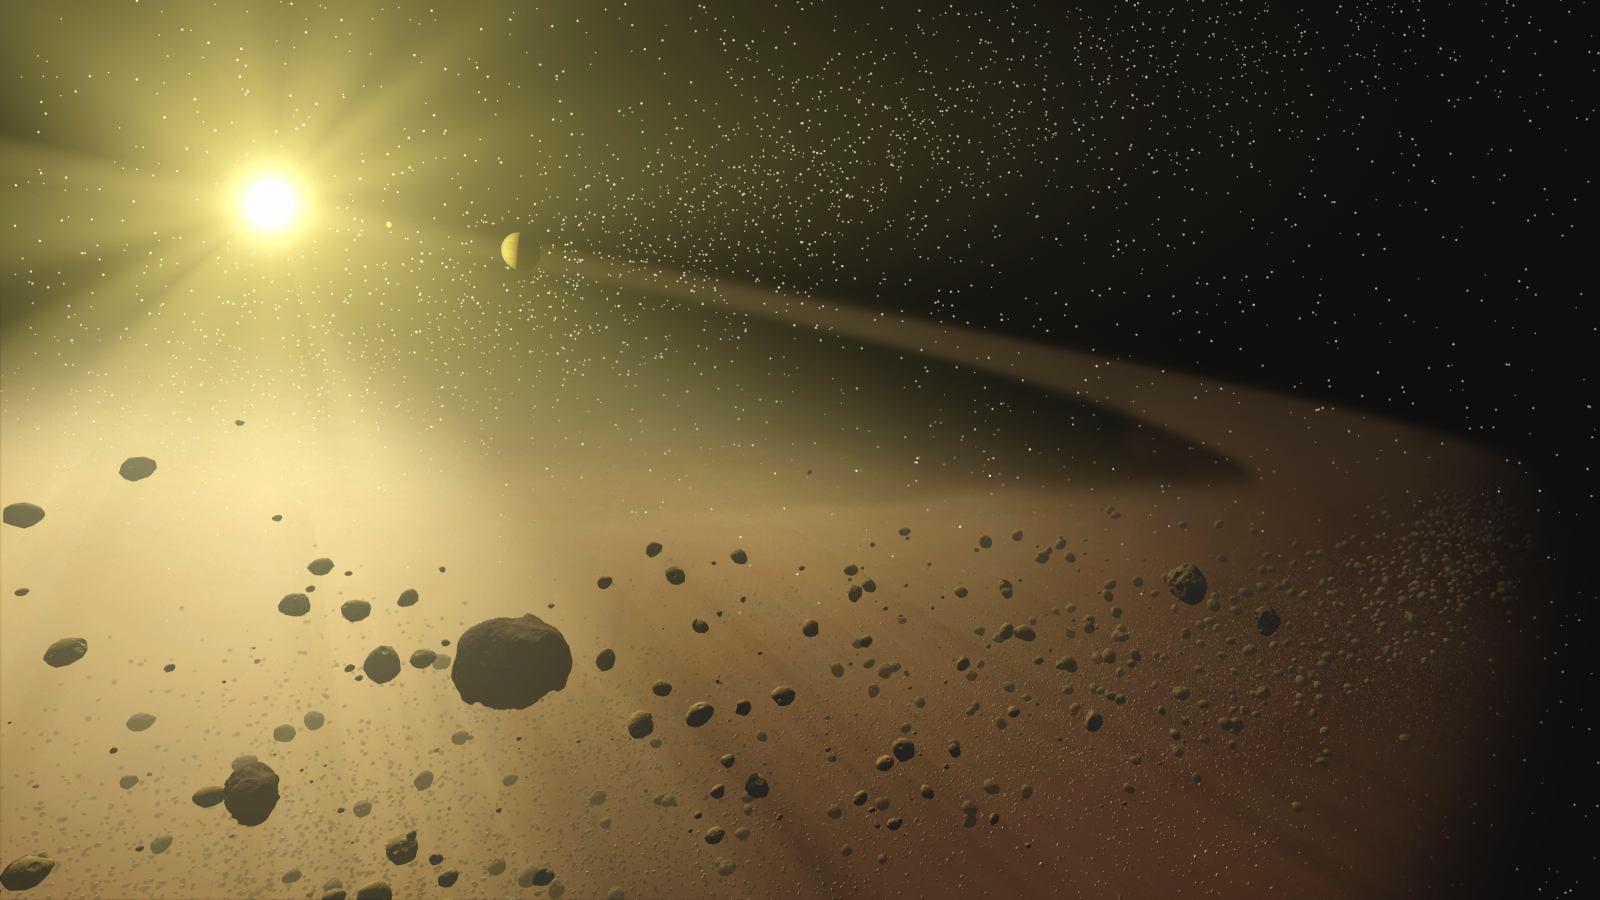 Kepler 8462852, l'immensa anomalia astronomica